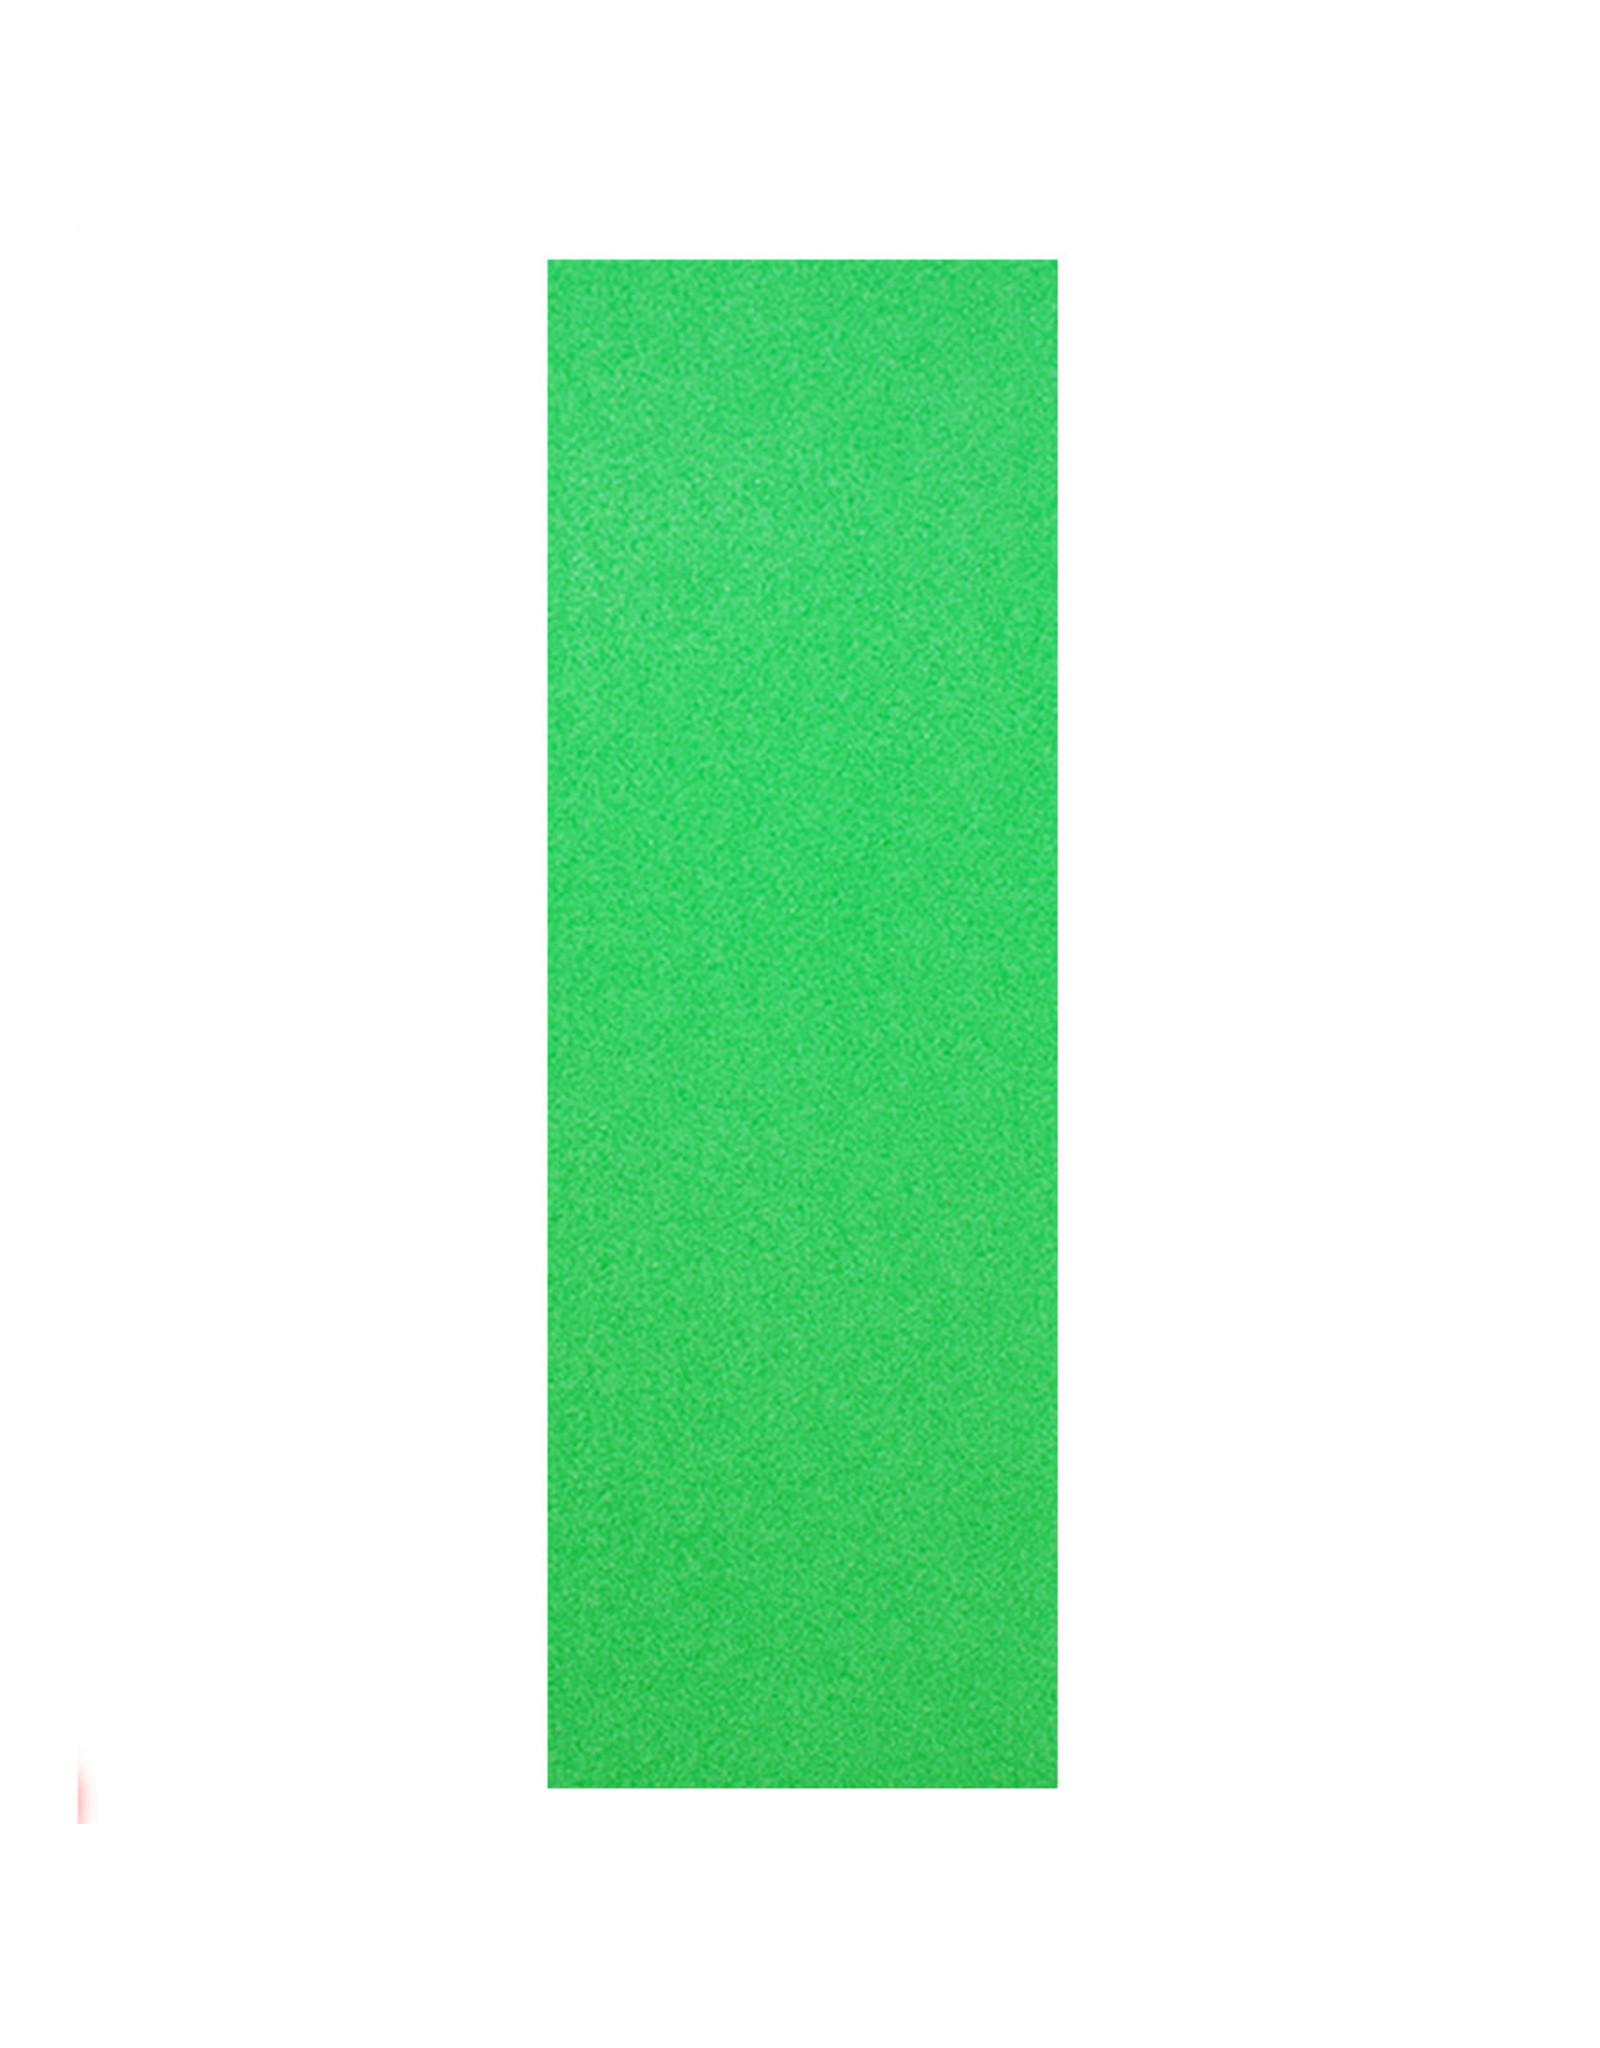 Flik Grip Tape (Neon Green)